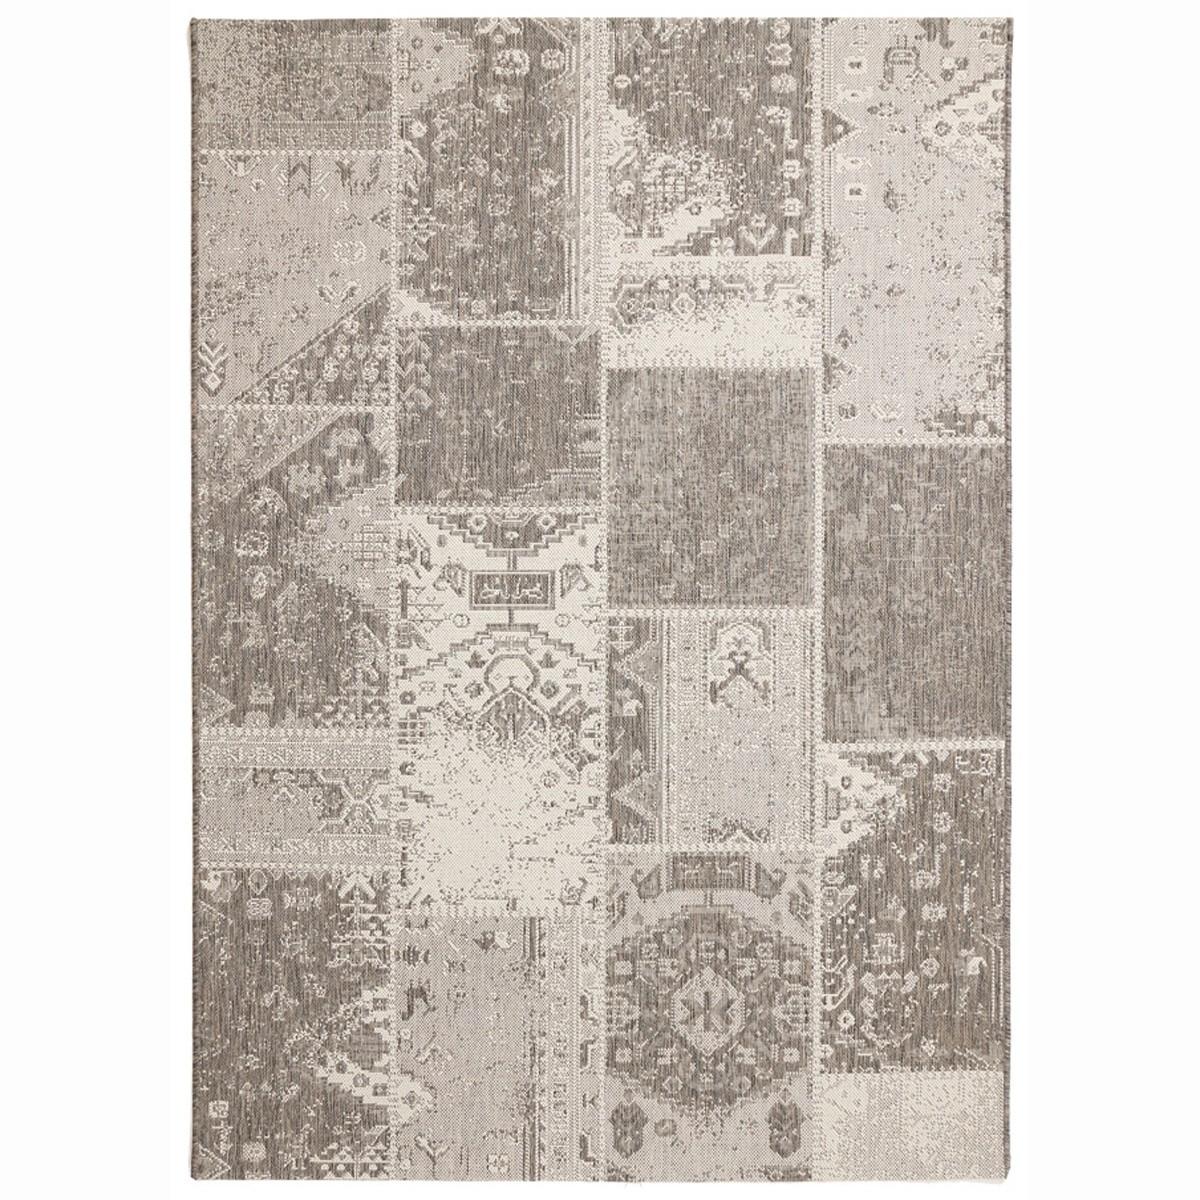 Καλοκαιρινό Χαλί (160x235) Royal Carpets Sand 2482 E